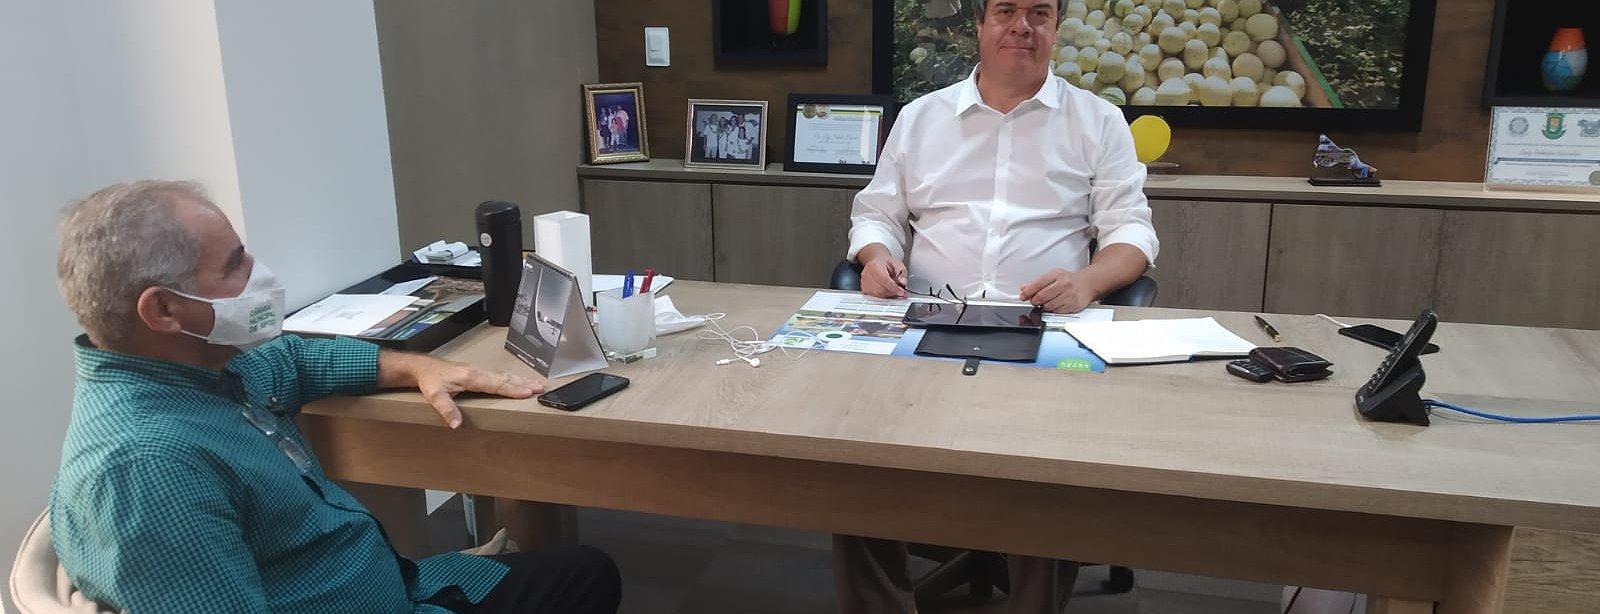 Júnior Souza discute com Luiz Barcelos sobre o prolongamento do acesso a partir do distrito de Soled